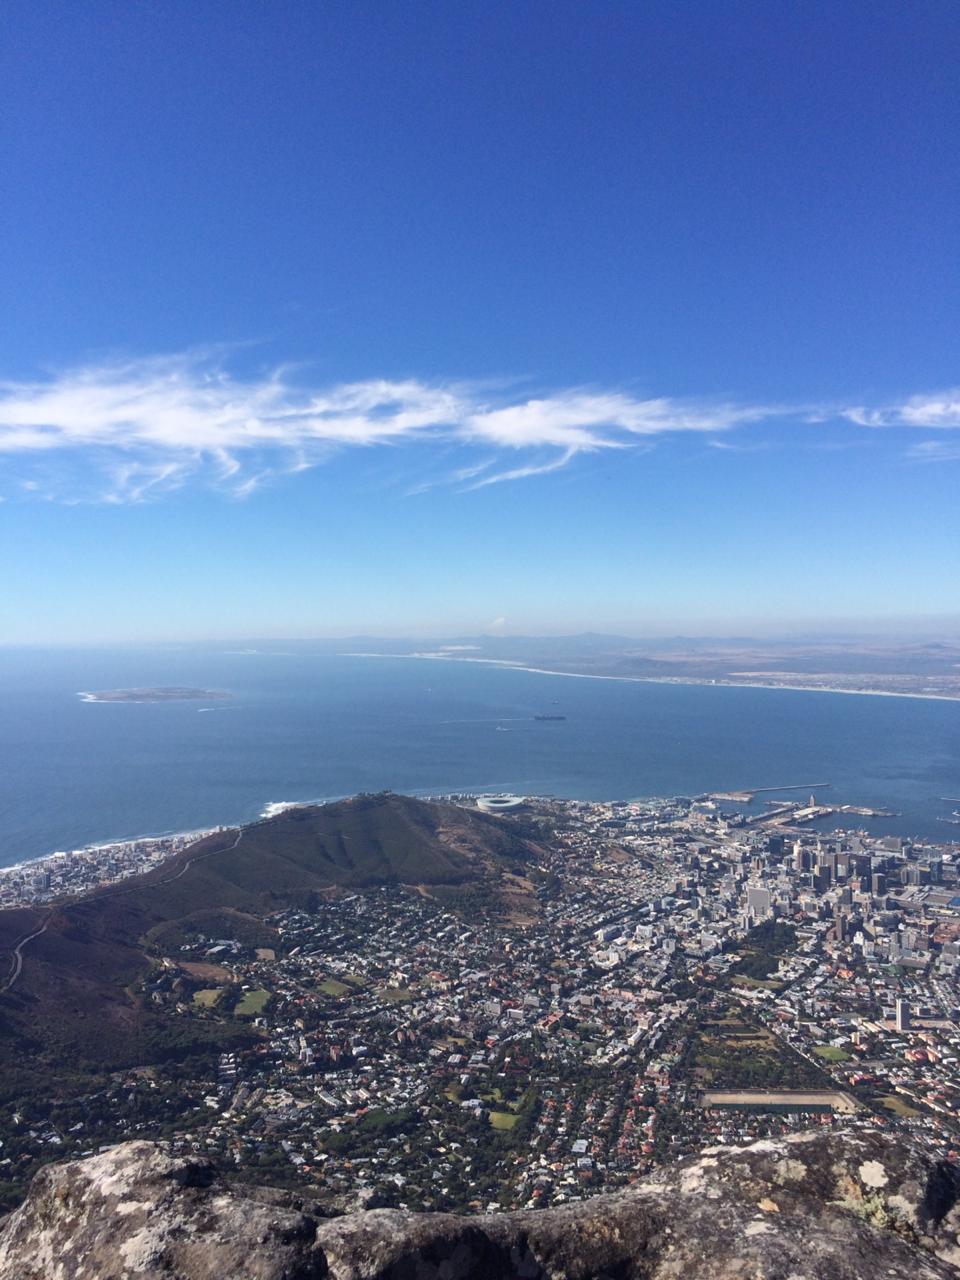 Mirando al sur, Ciudad del Cabo asoma con su exuberancia y una gran capacidad de asombro